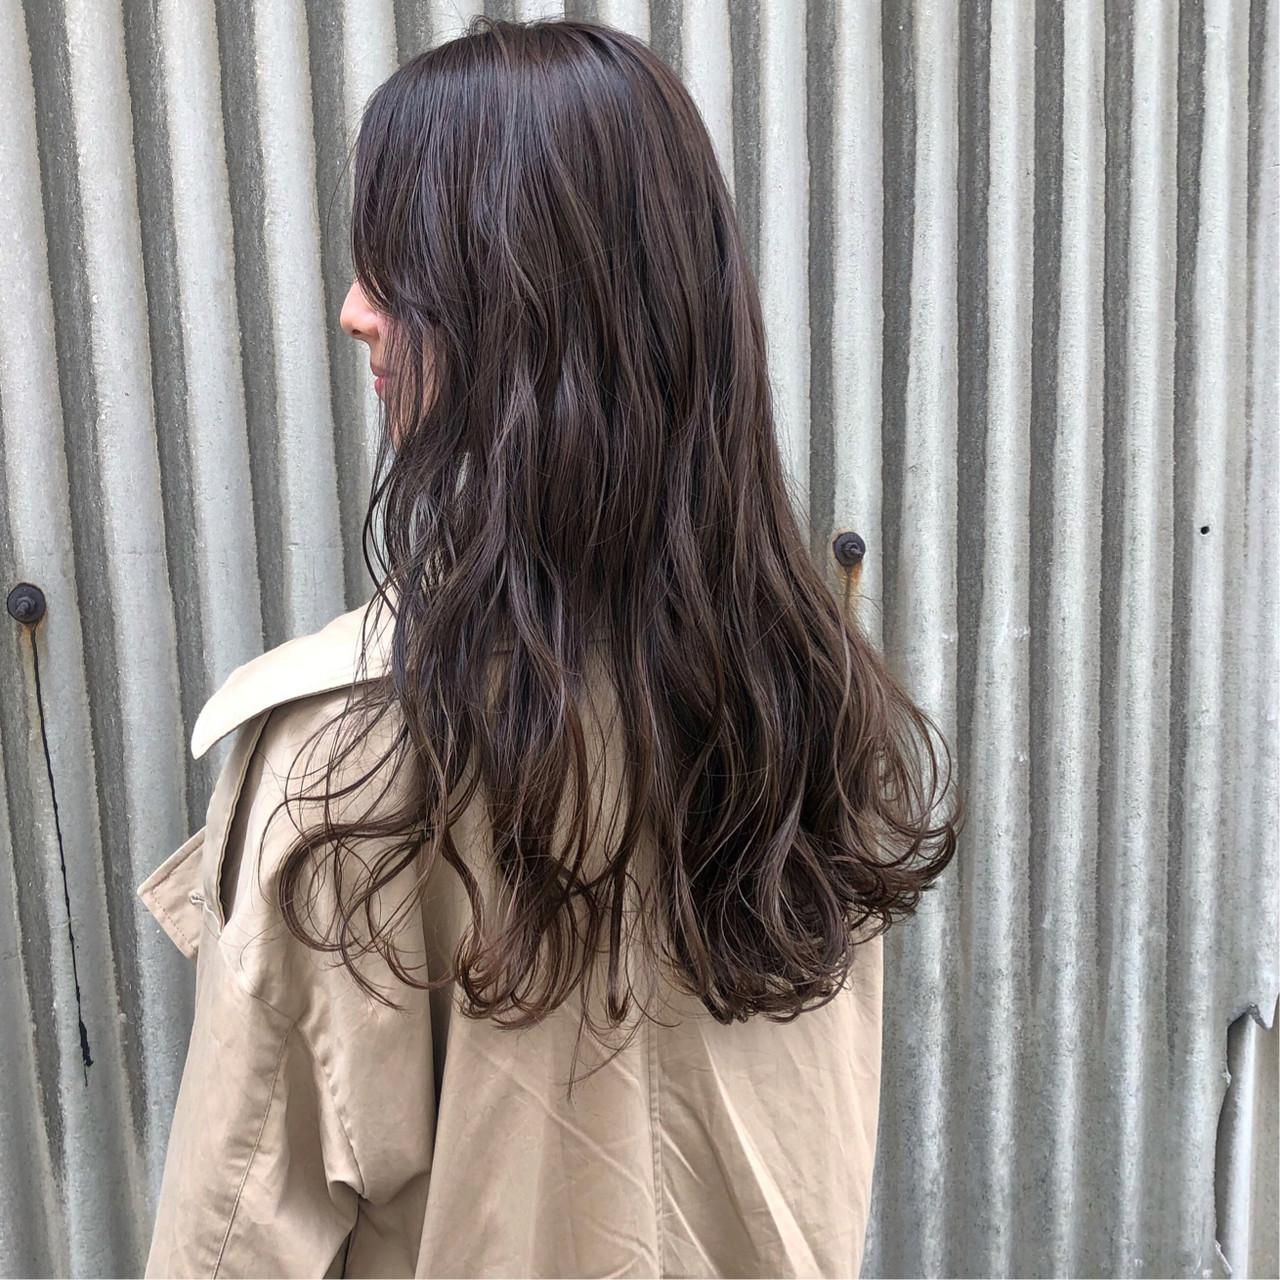 ニュアンスたっぷり♡大人女子のロングのダークブラウンカラー 藤田成美 / olioli